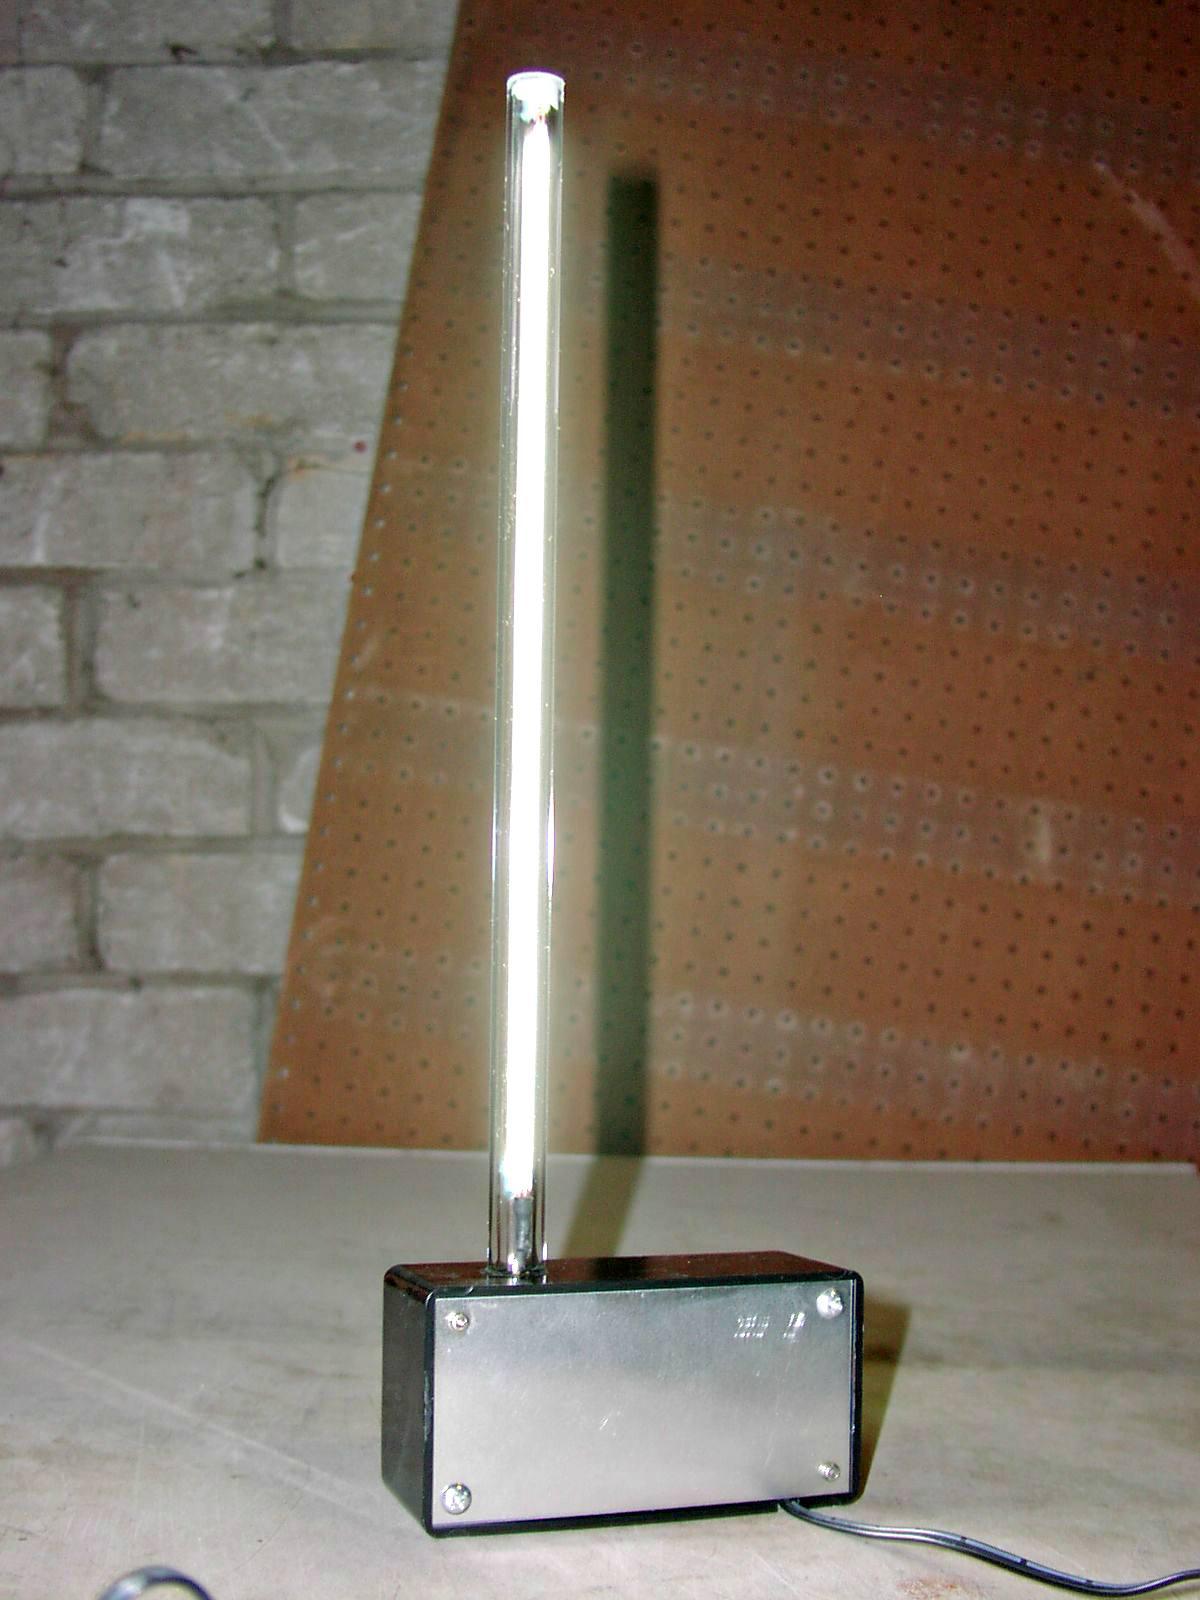 Repurposed cold cathode lamp